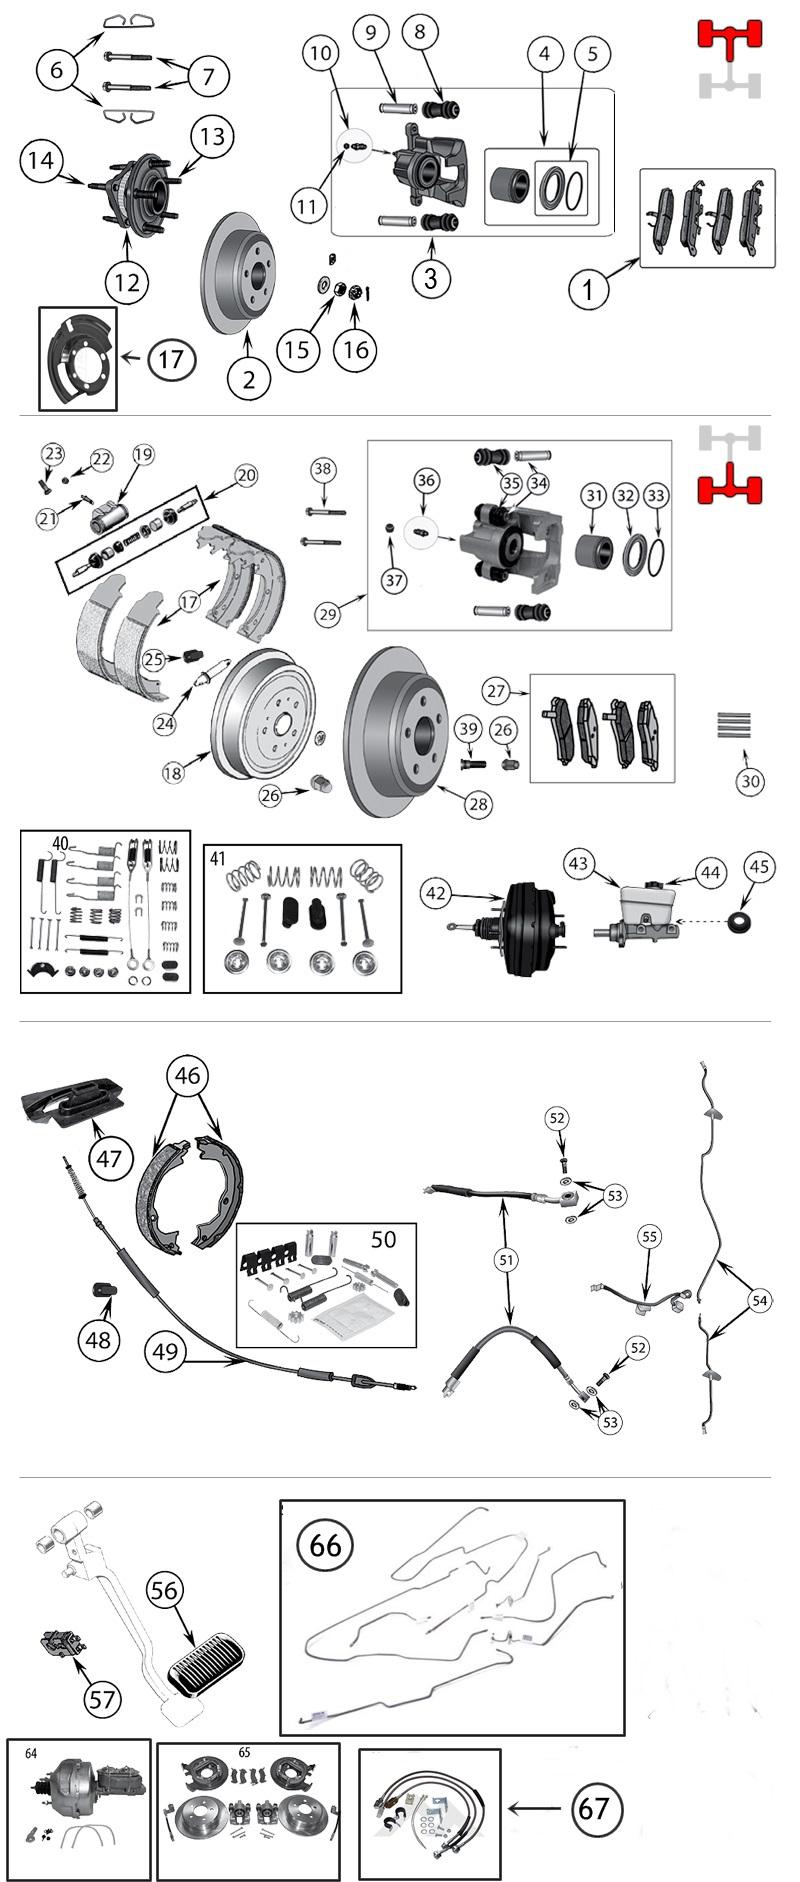 brake parts for jeep wrangler tj